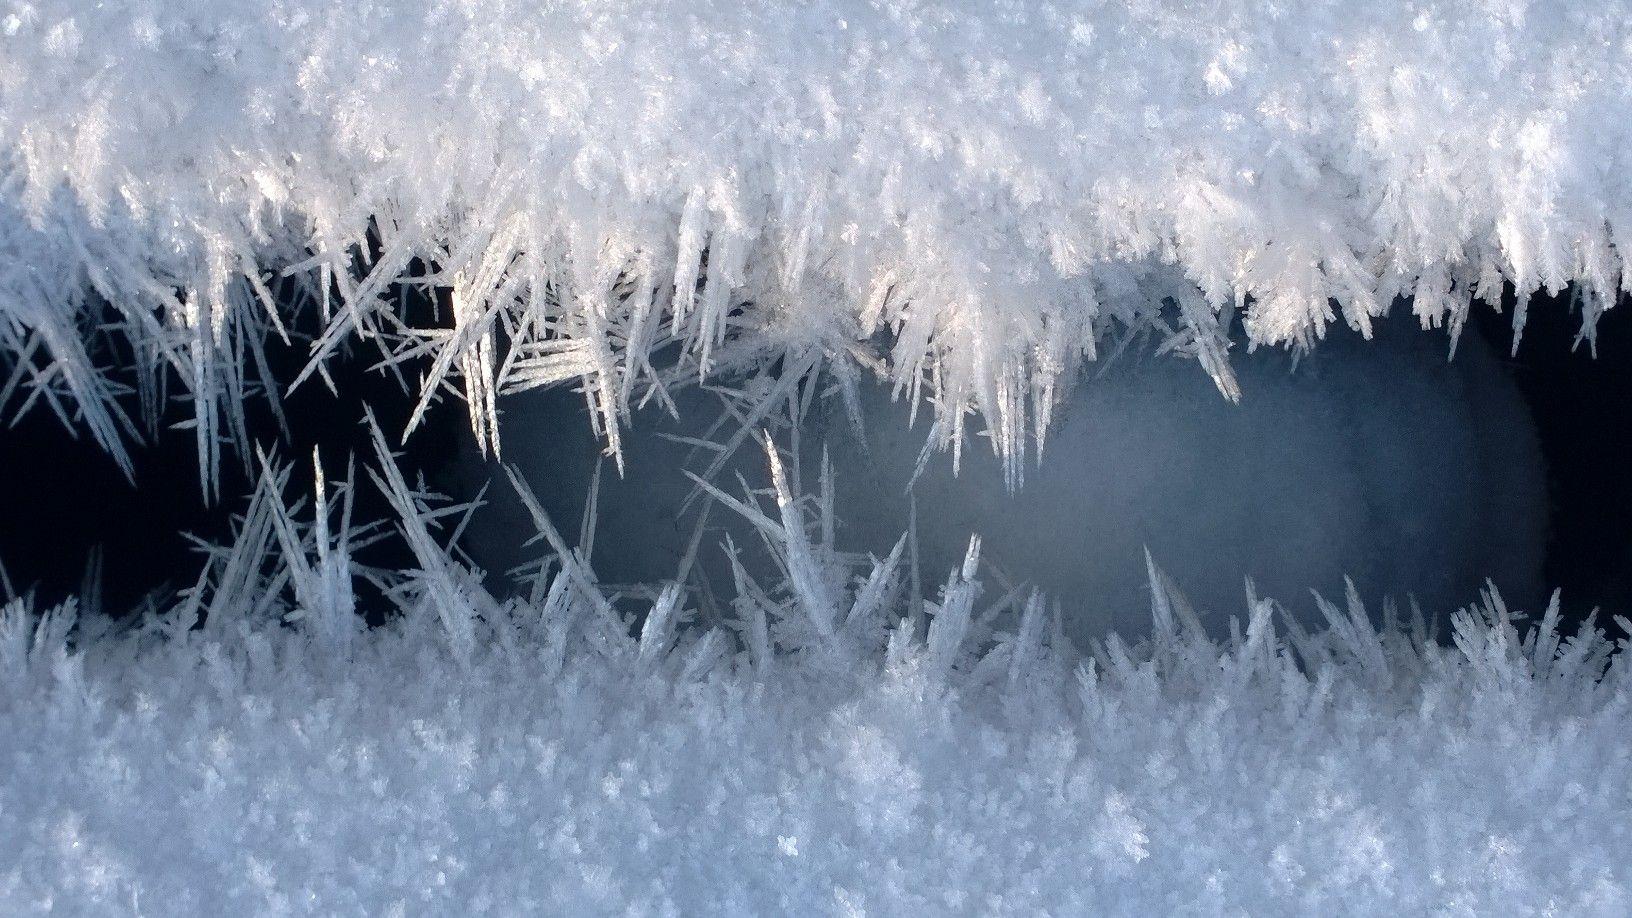 Valguse värav. Foto: Kylauudis.ee